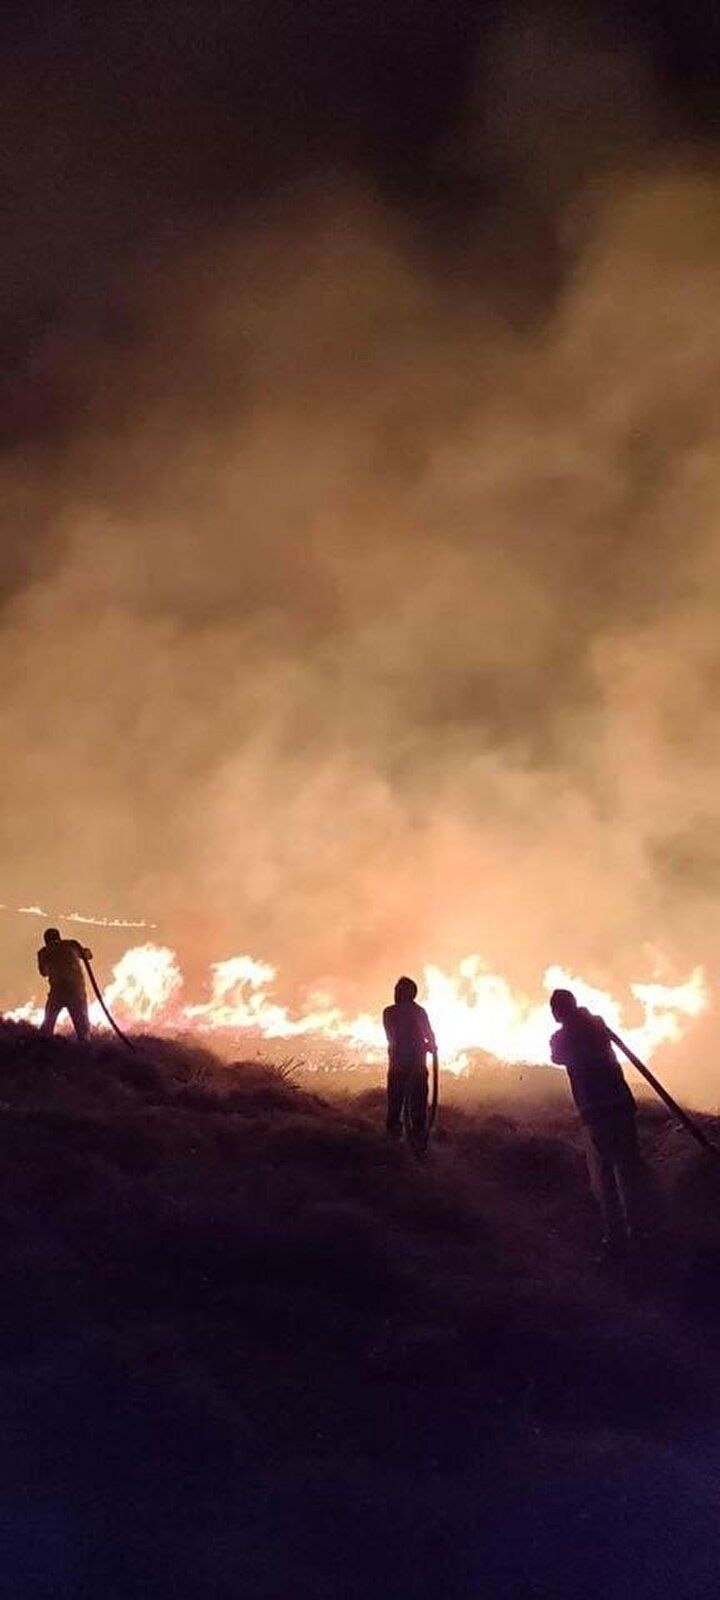 Türkiyenin en büyük adası unvanına sahip olan Çanakkalenin Gökçeada ilçesinde, Yıldızkoy ile Yeni Bademli köyleri arasında kalan meralık alanda saat 23.00 sıralarında bilinmeyen nedenle  yangın çıktı.